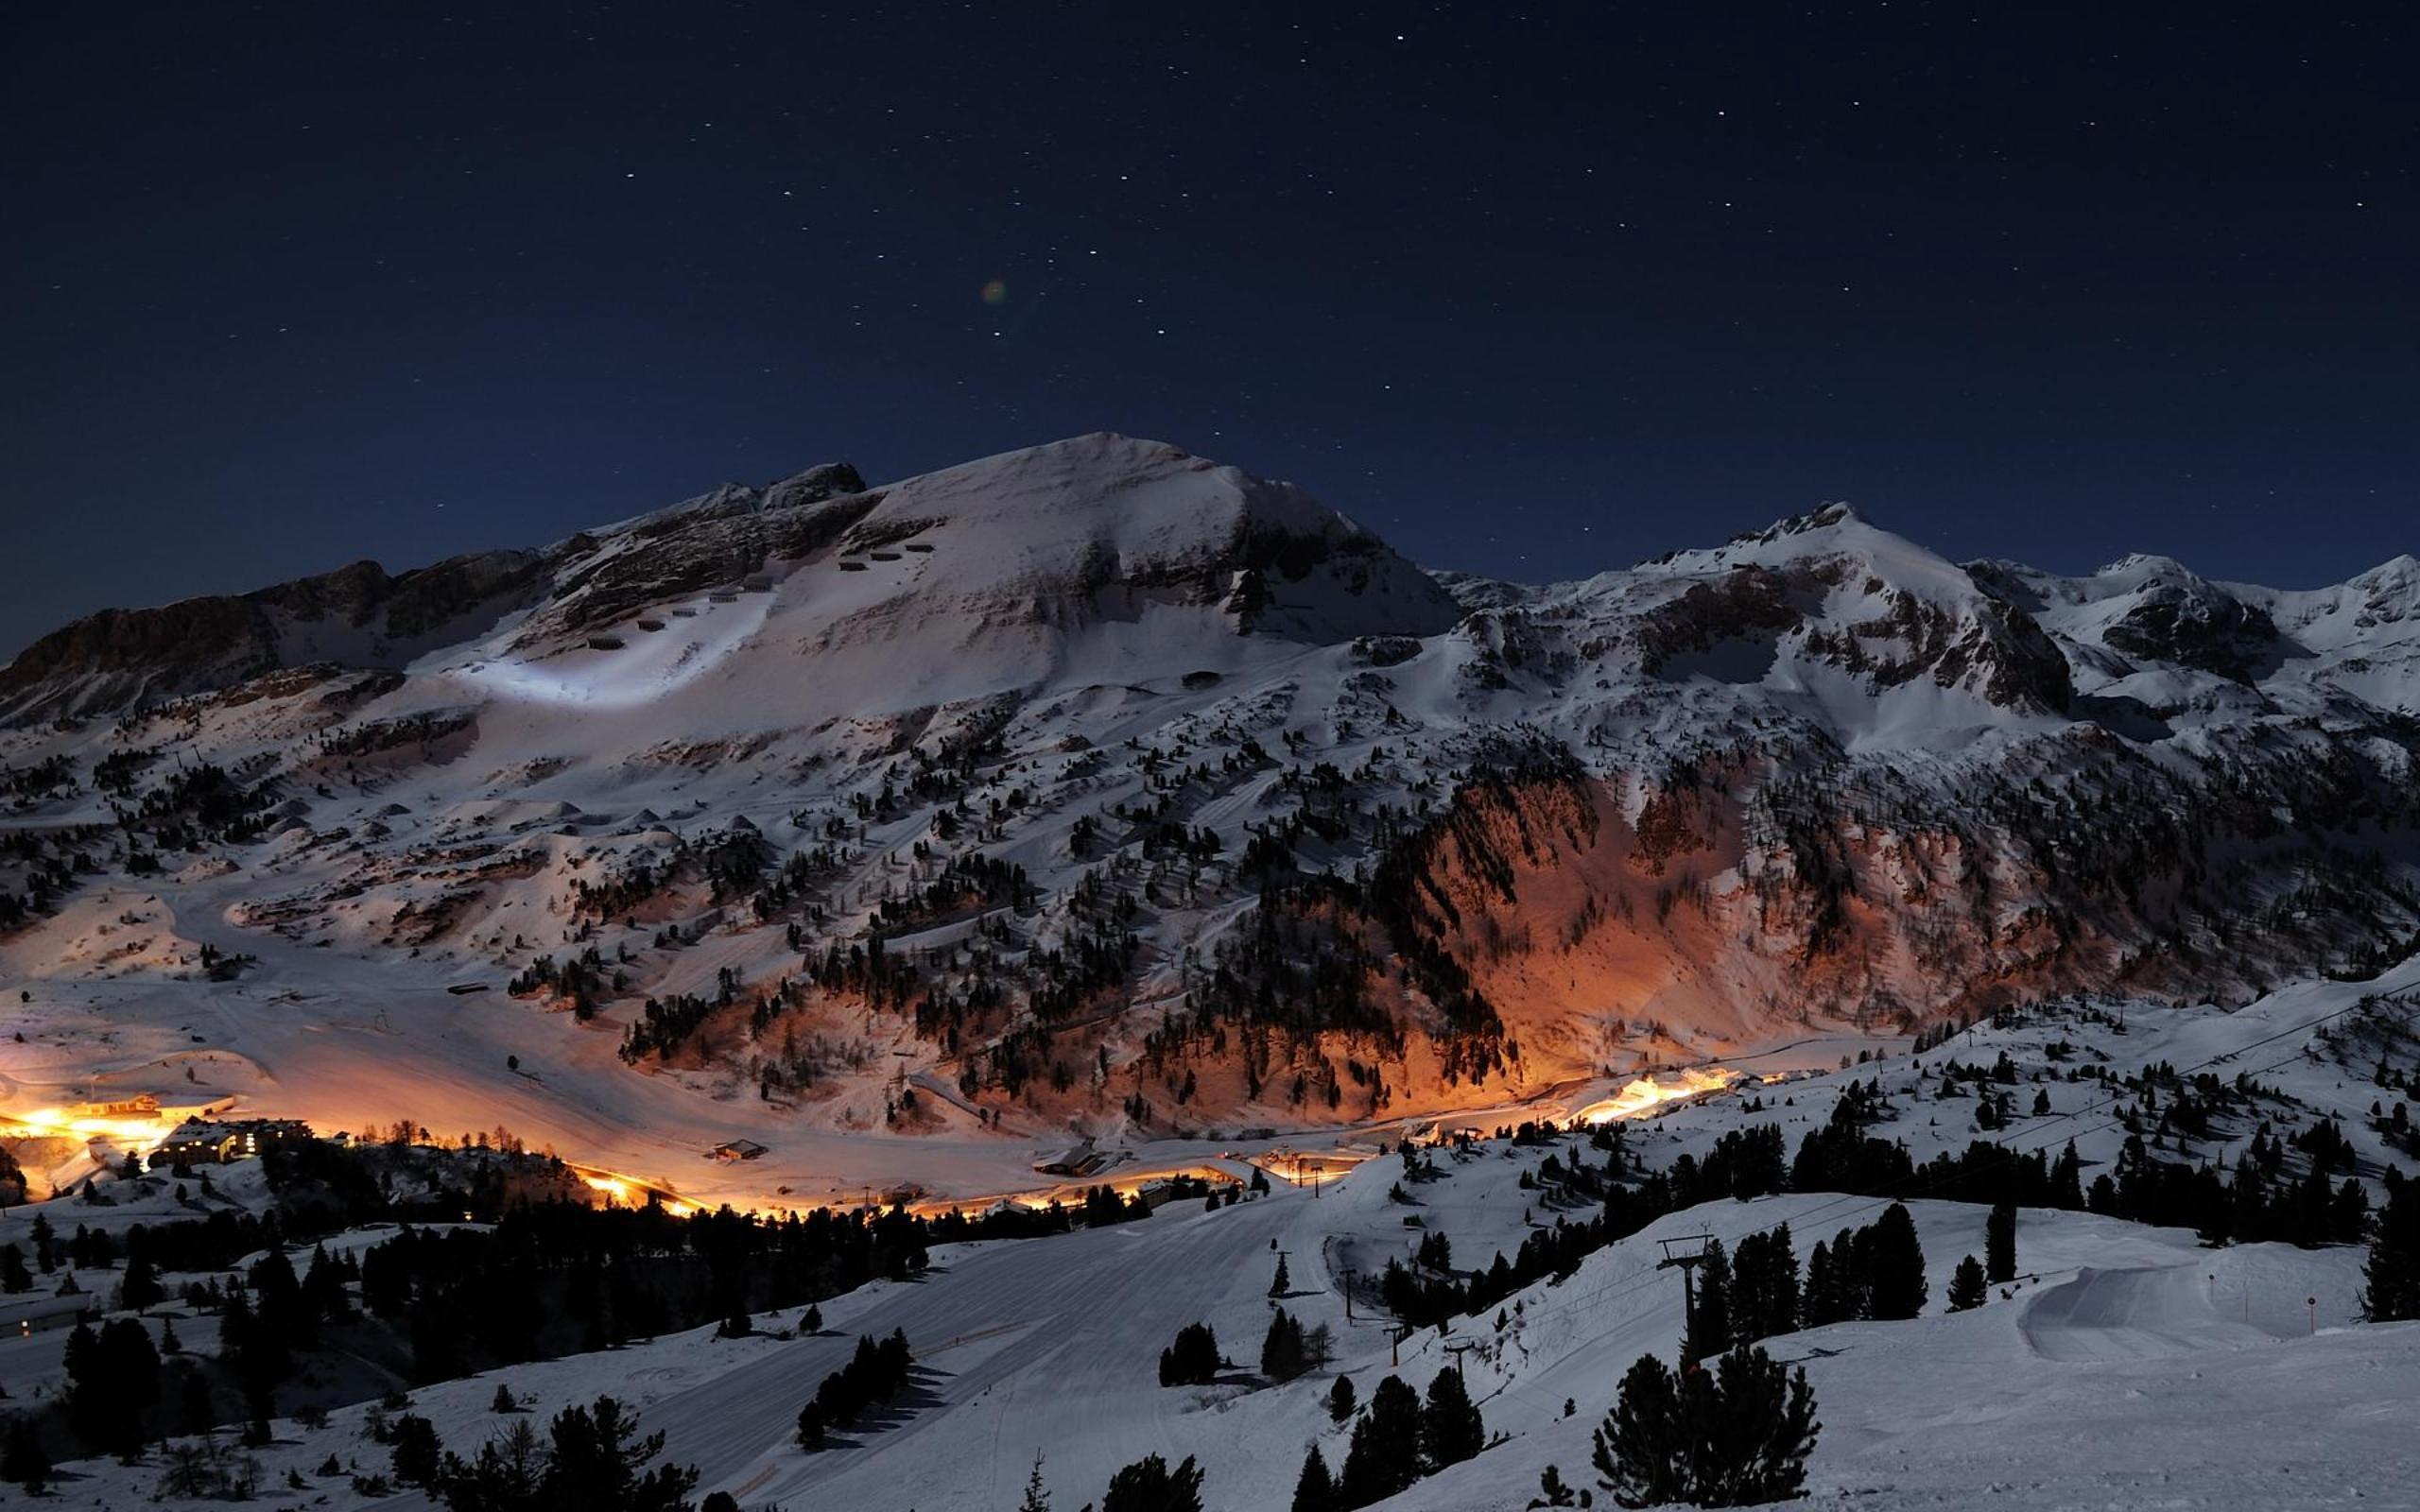 snowy mountains wallpapers hd | pixelstalk